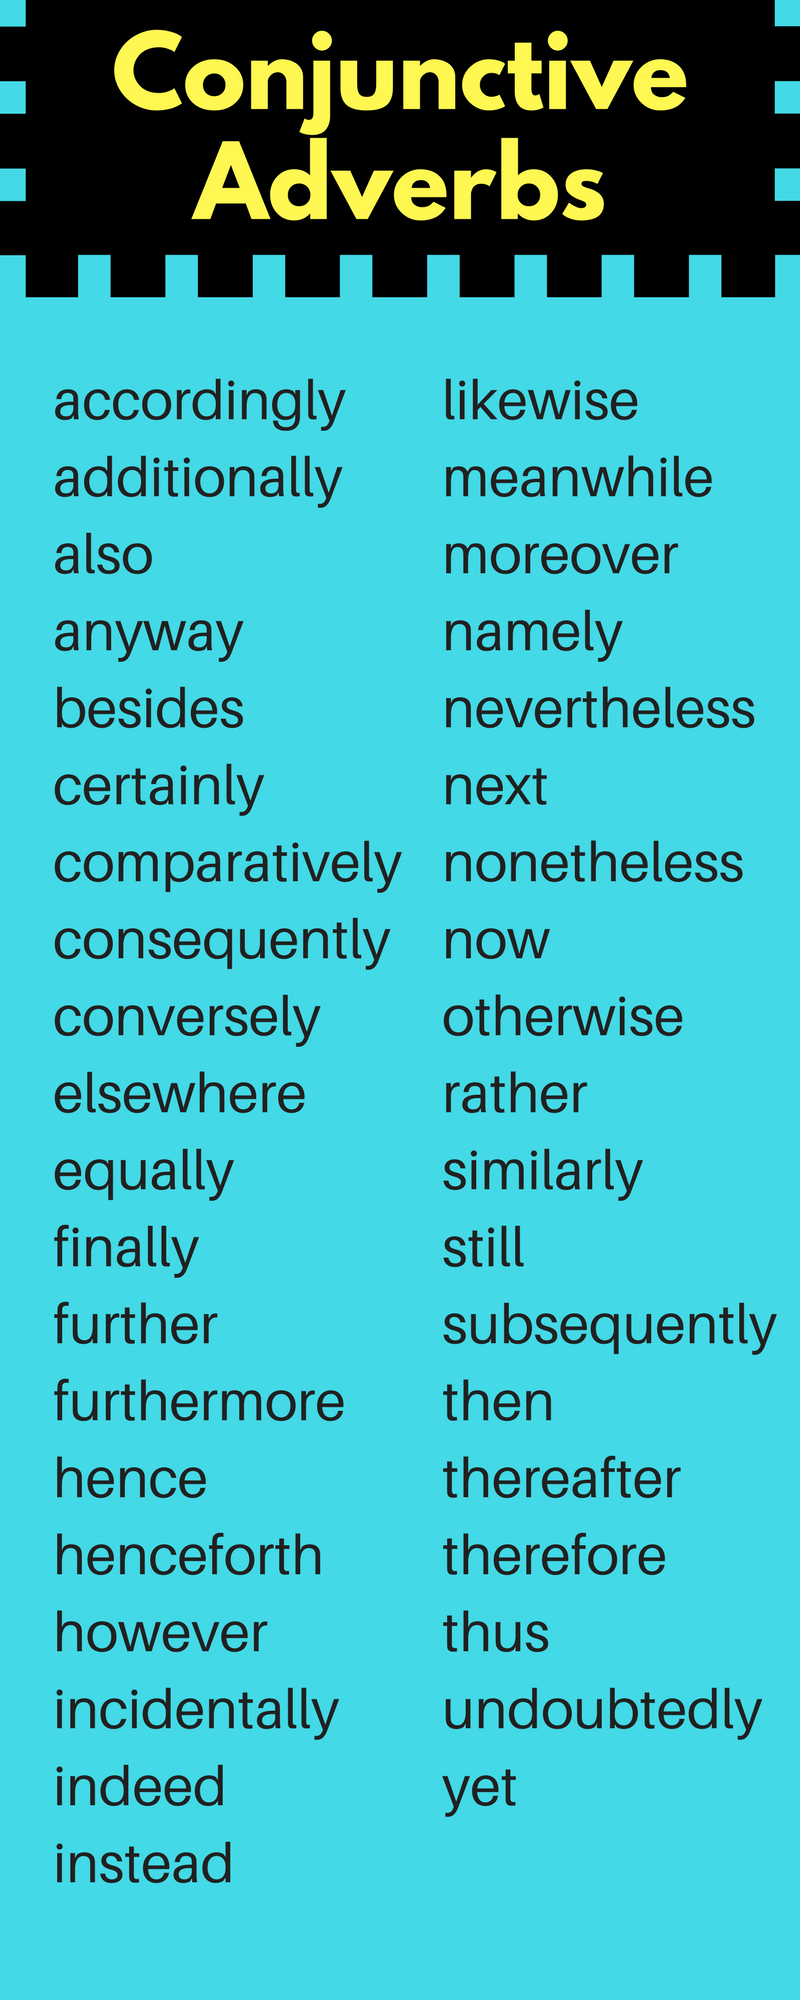 worksheet Conjunctive Adverbs Worksheet commas with transition words conjunctive adverb adverbadverbsgrammar